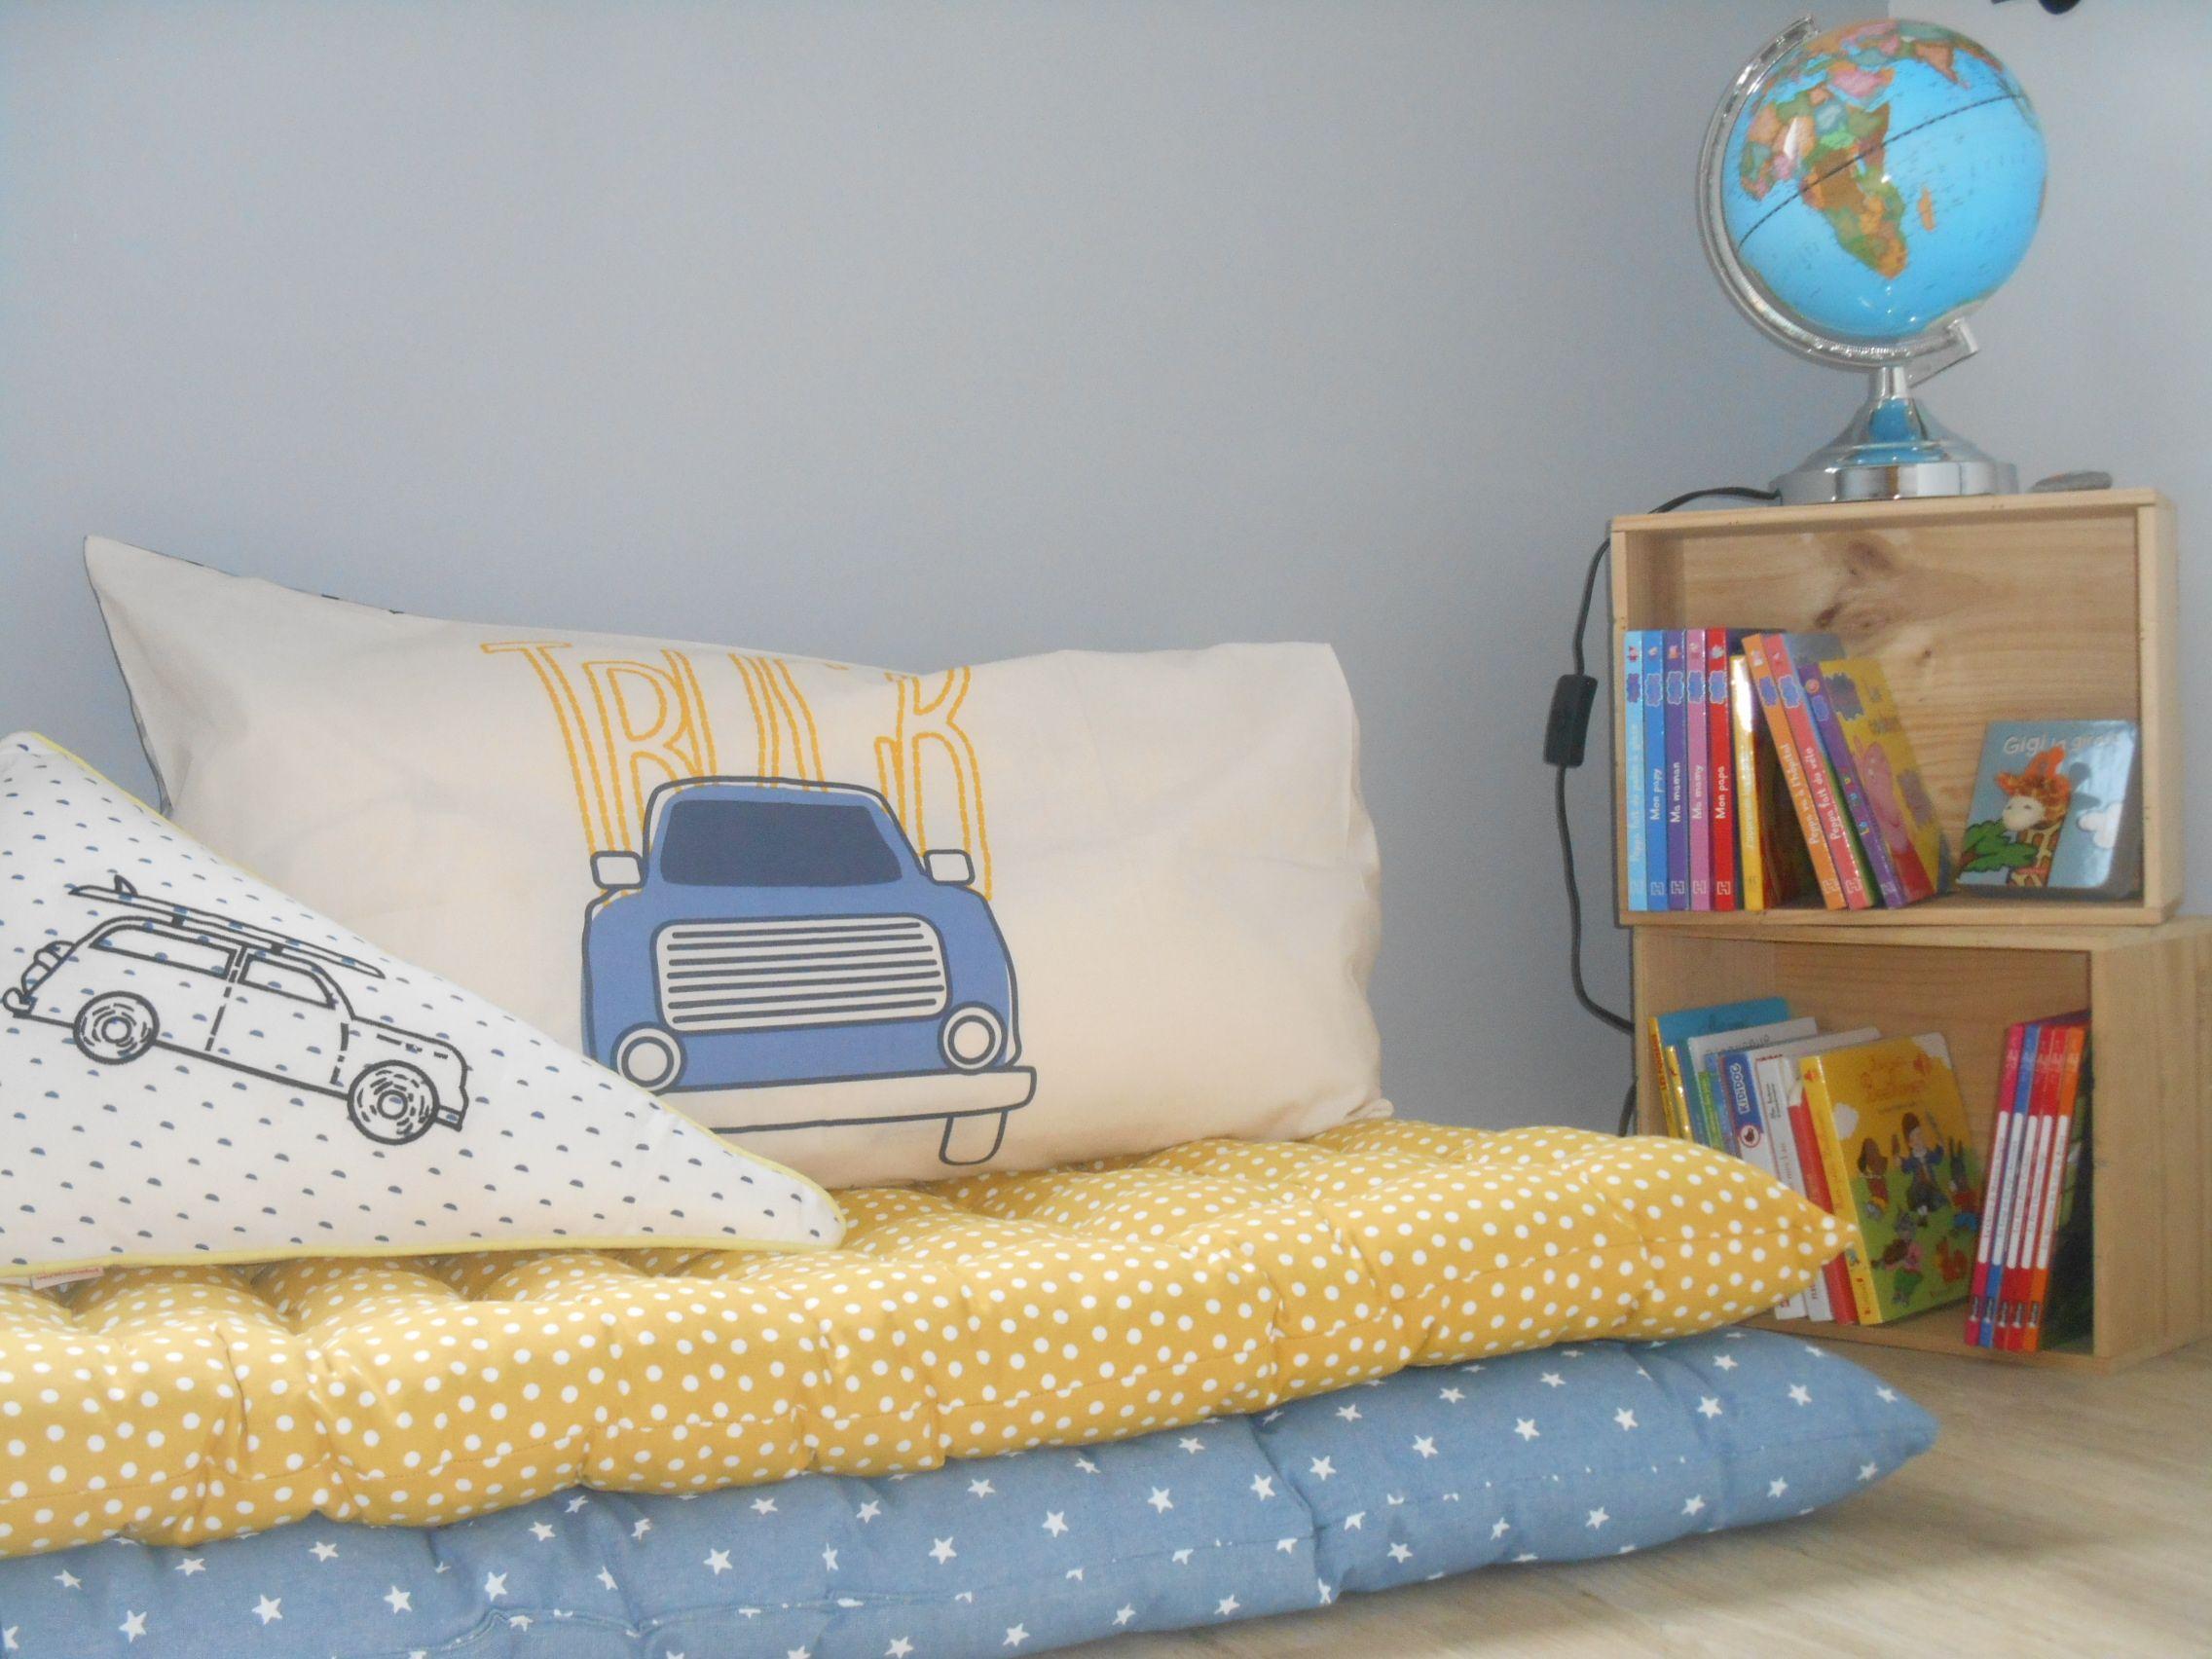 cr ez un coin lecture sympa pour votre enfant avec les matelas de sol vertbaudet mb d co. Black Bedroom Furniture Sets. Home Design Ideas